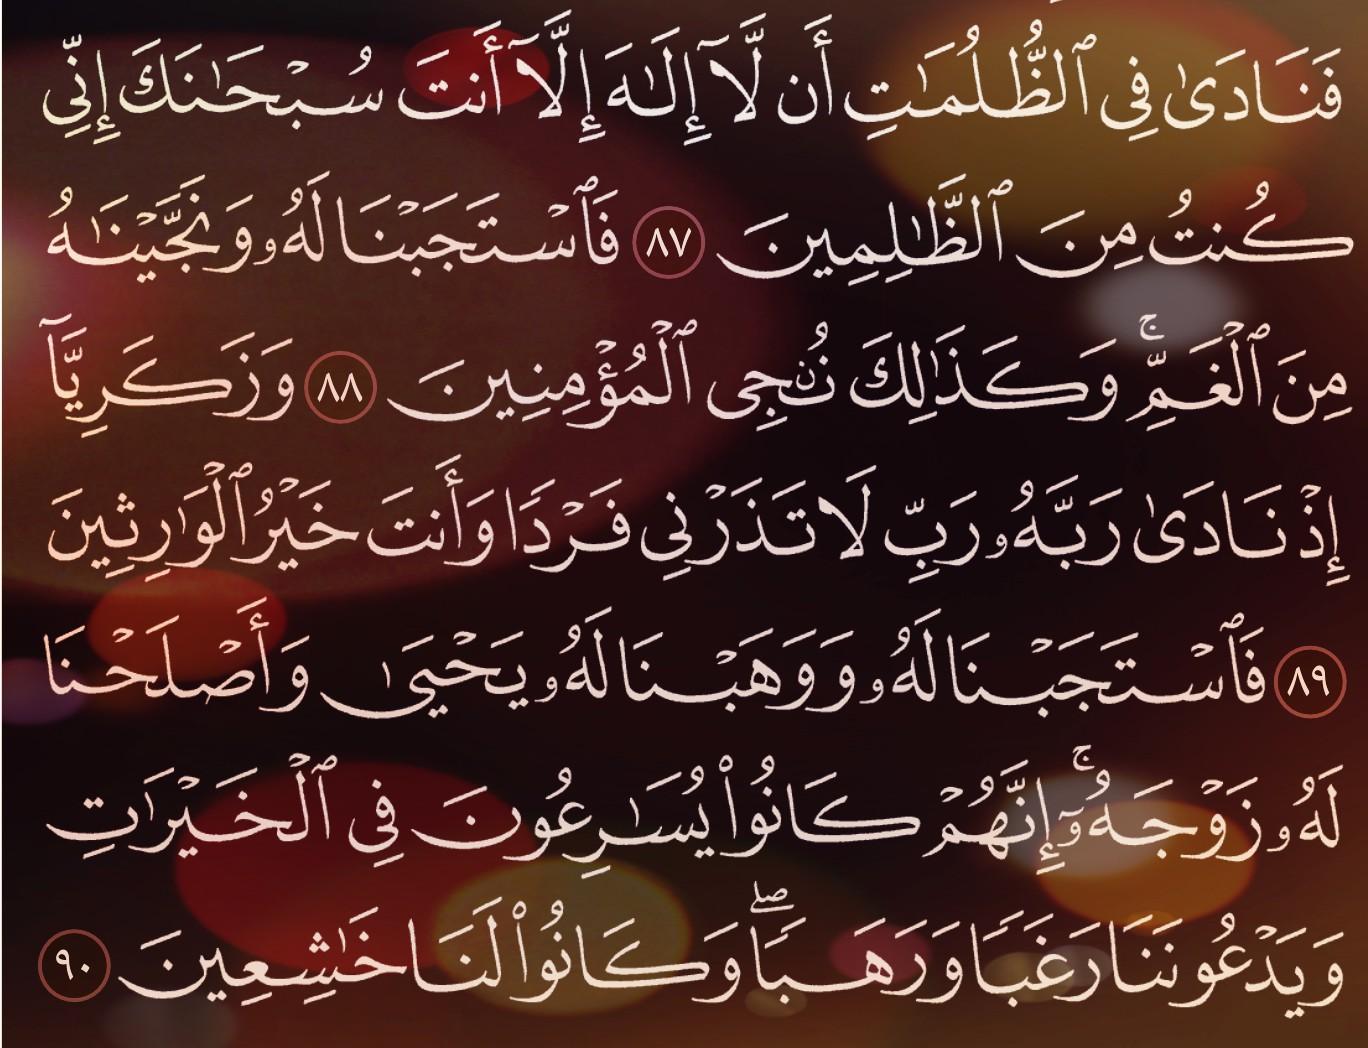 شرح وتفسير سورة الأنبياء surah al-anbiya ( من الآية 77 إلى الاية 90 )